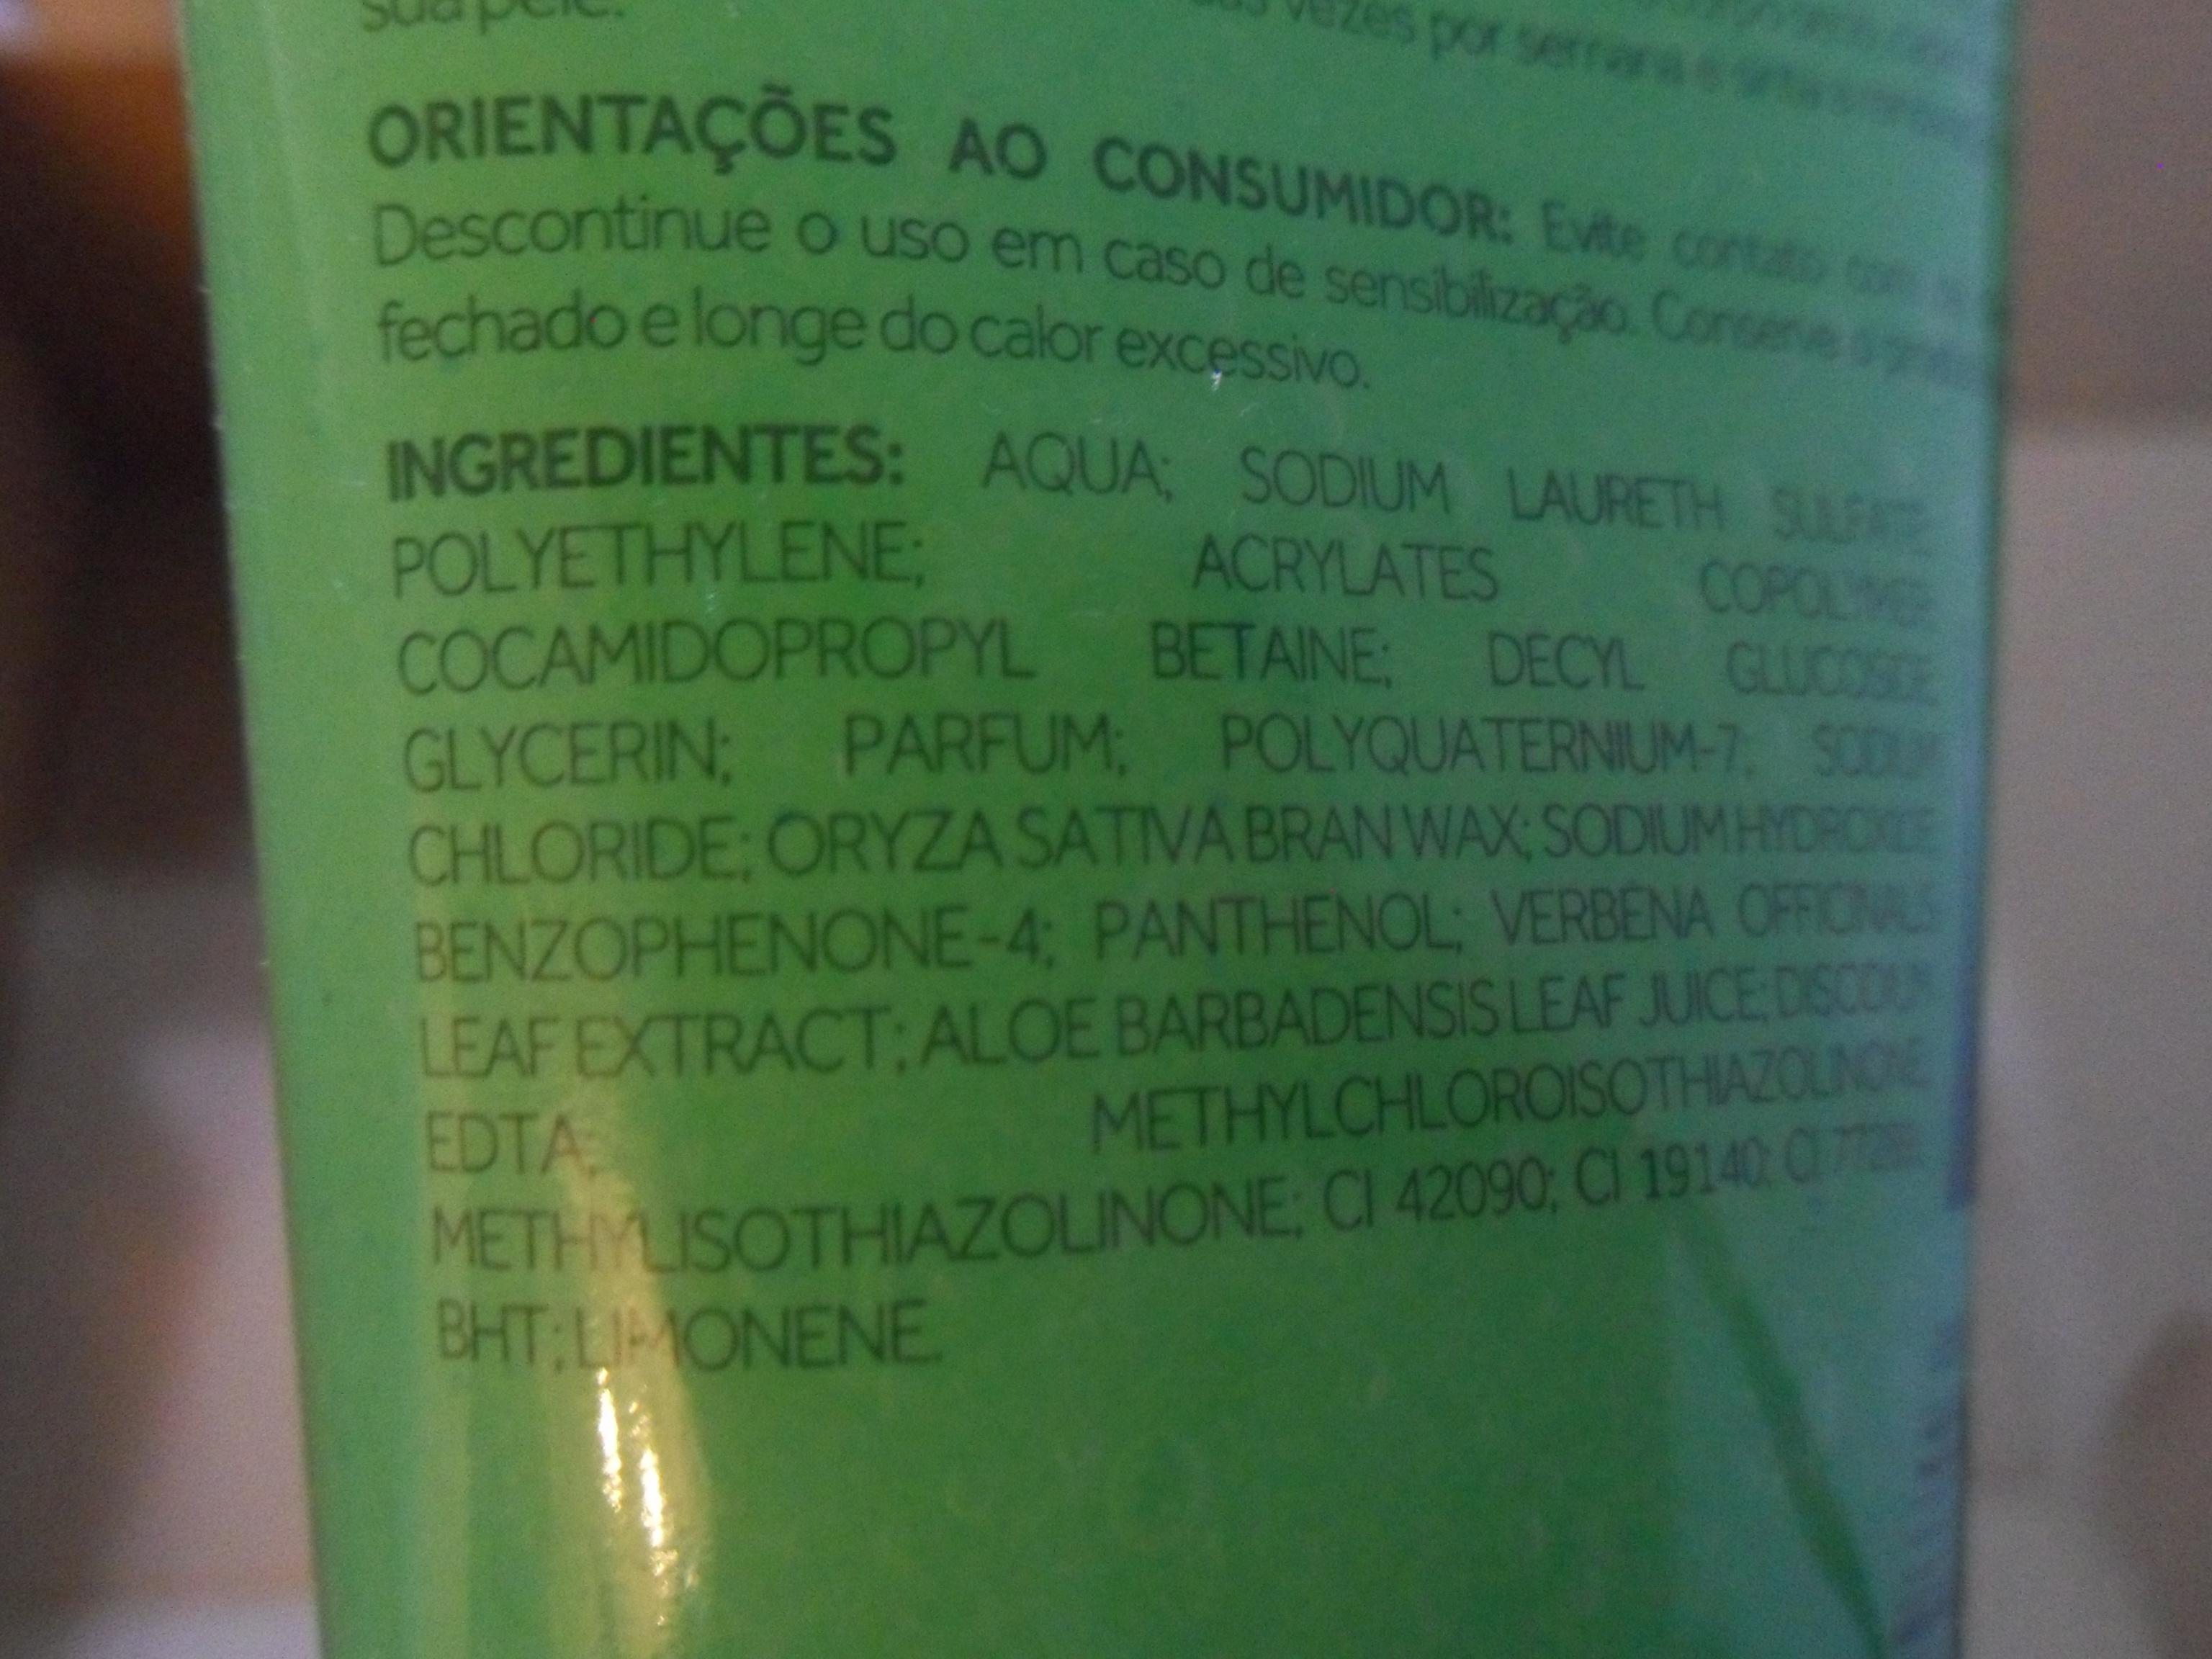 Exemplo de foto com detalhe dos ingredientes, evidenciando a presença de Polyethylene. Foto: Patrícia Louro